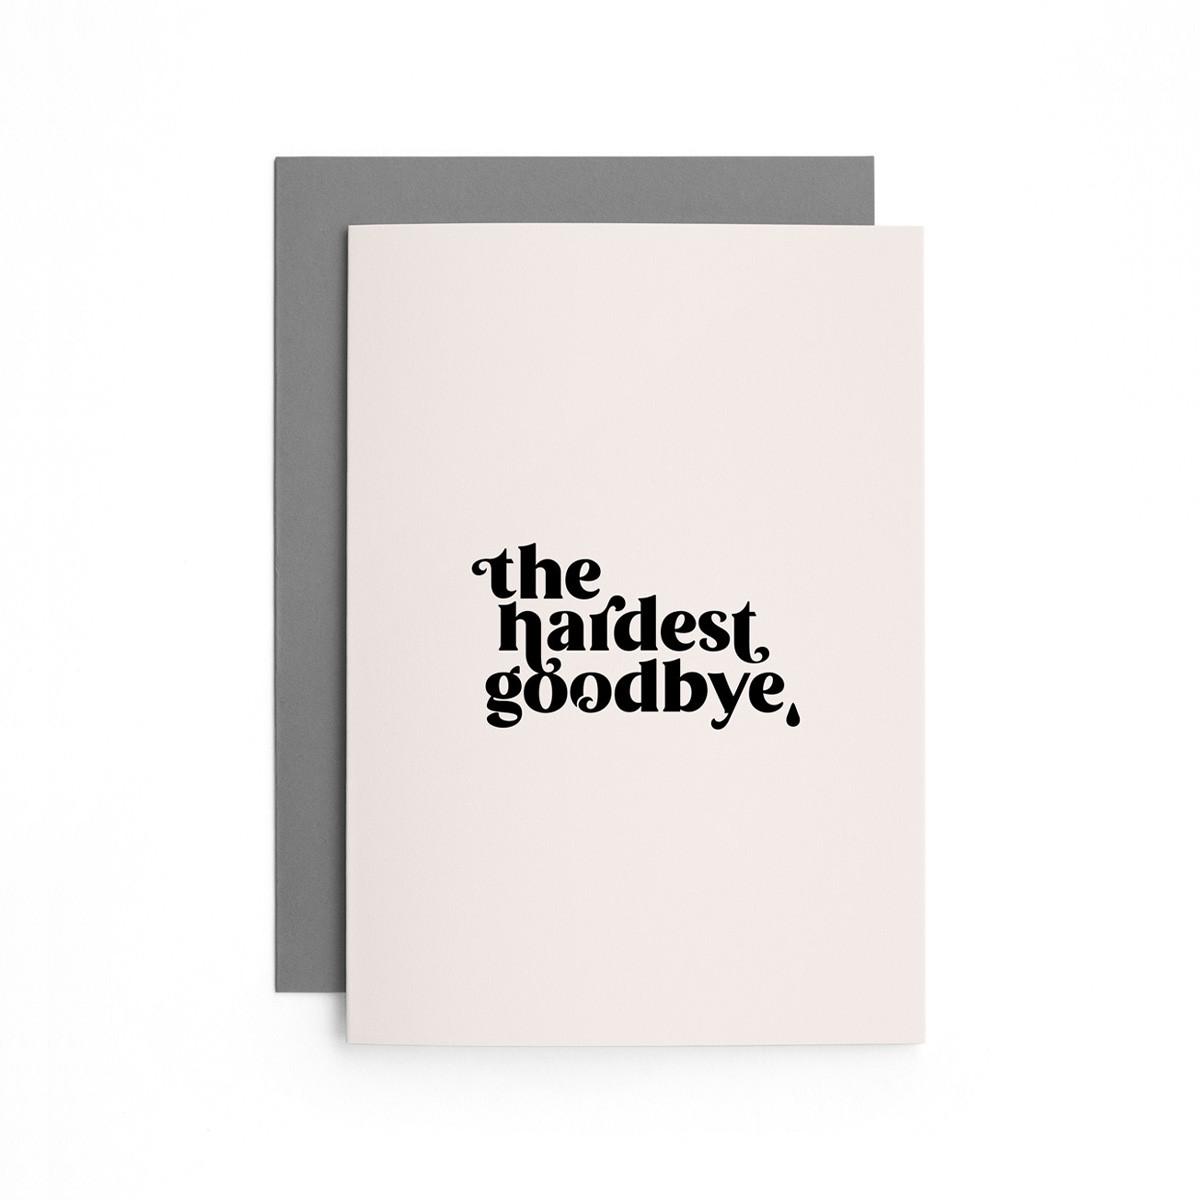 Set Hardest Goodbye | 4er Set Klappkarten inkl. Umschlag | heartfelt paper & co